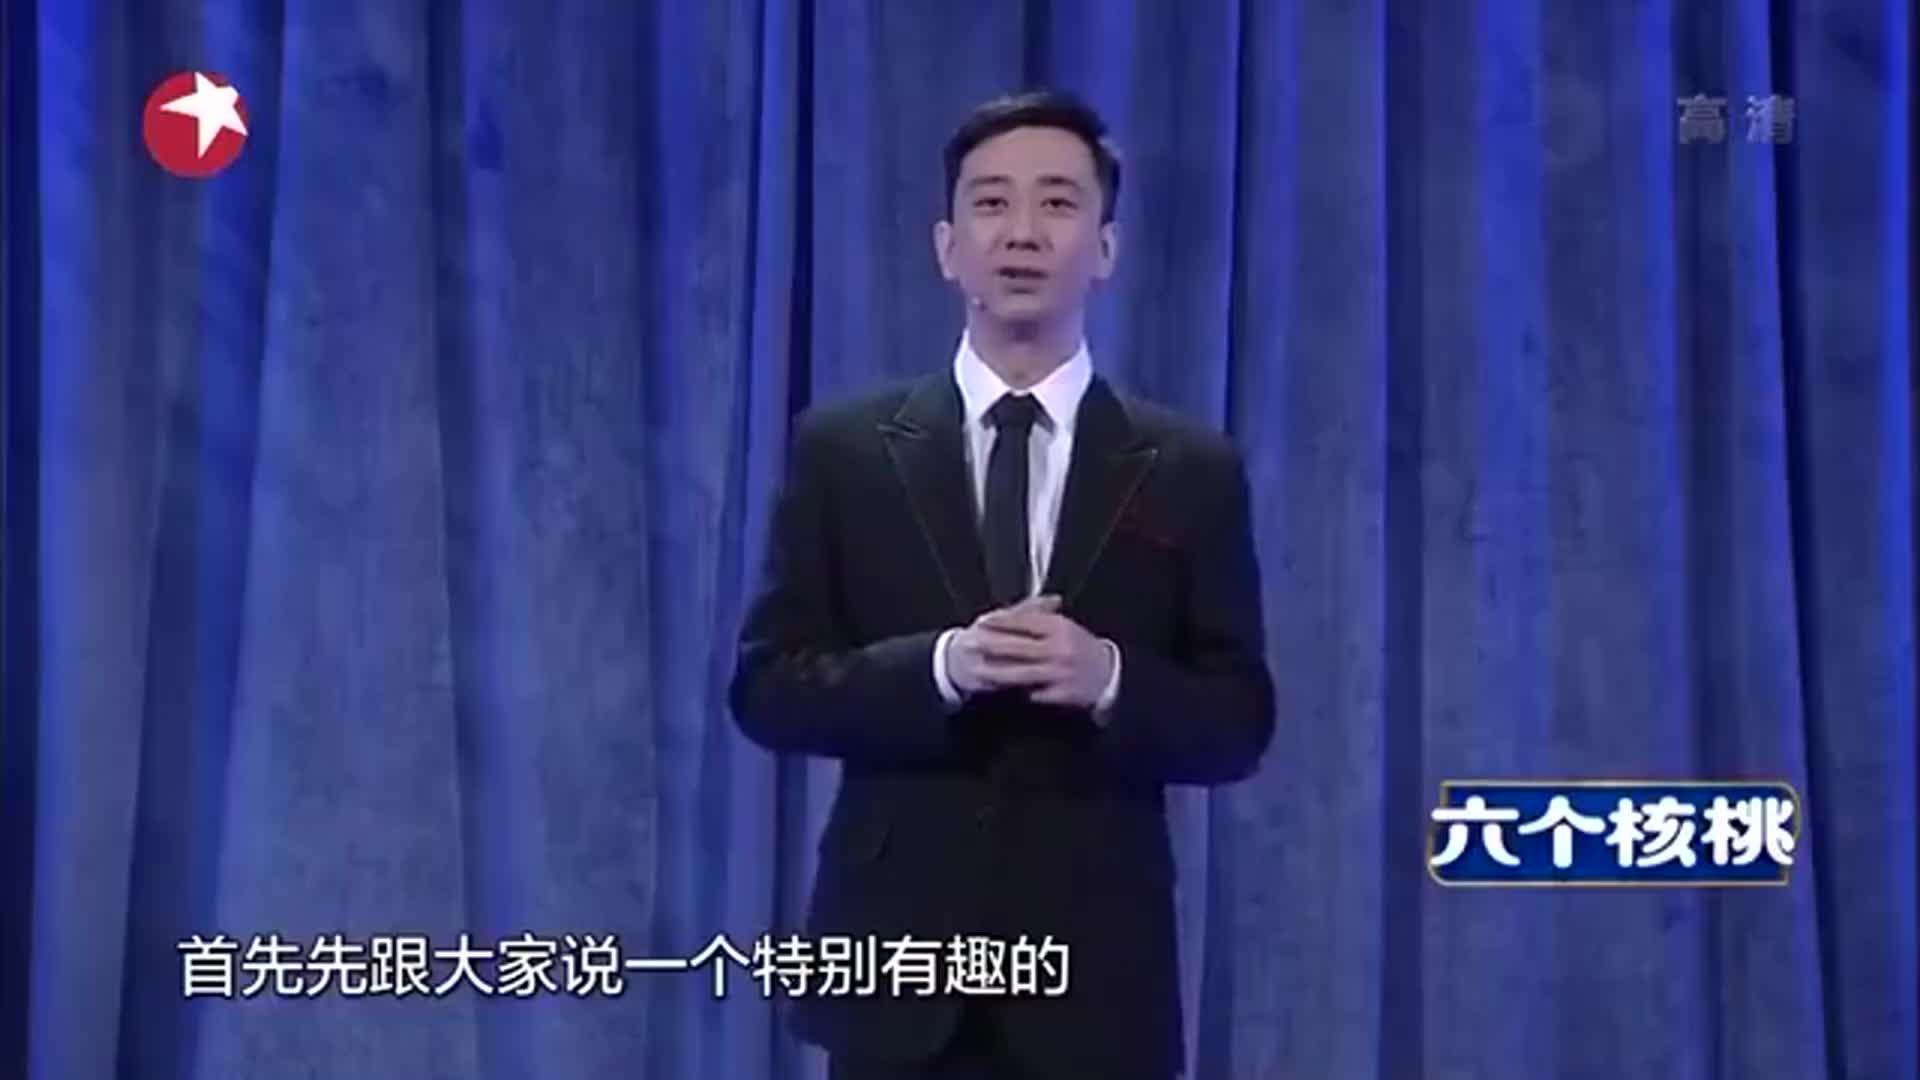 王自健趣聊节目冠名,以为是交大冠名的,史炎尴尬笑场